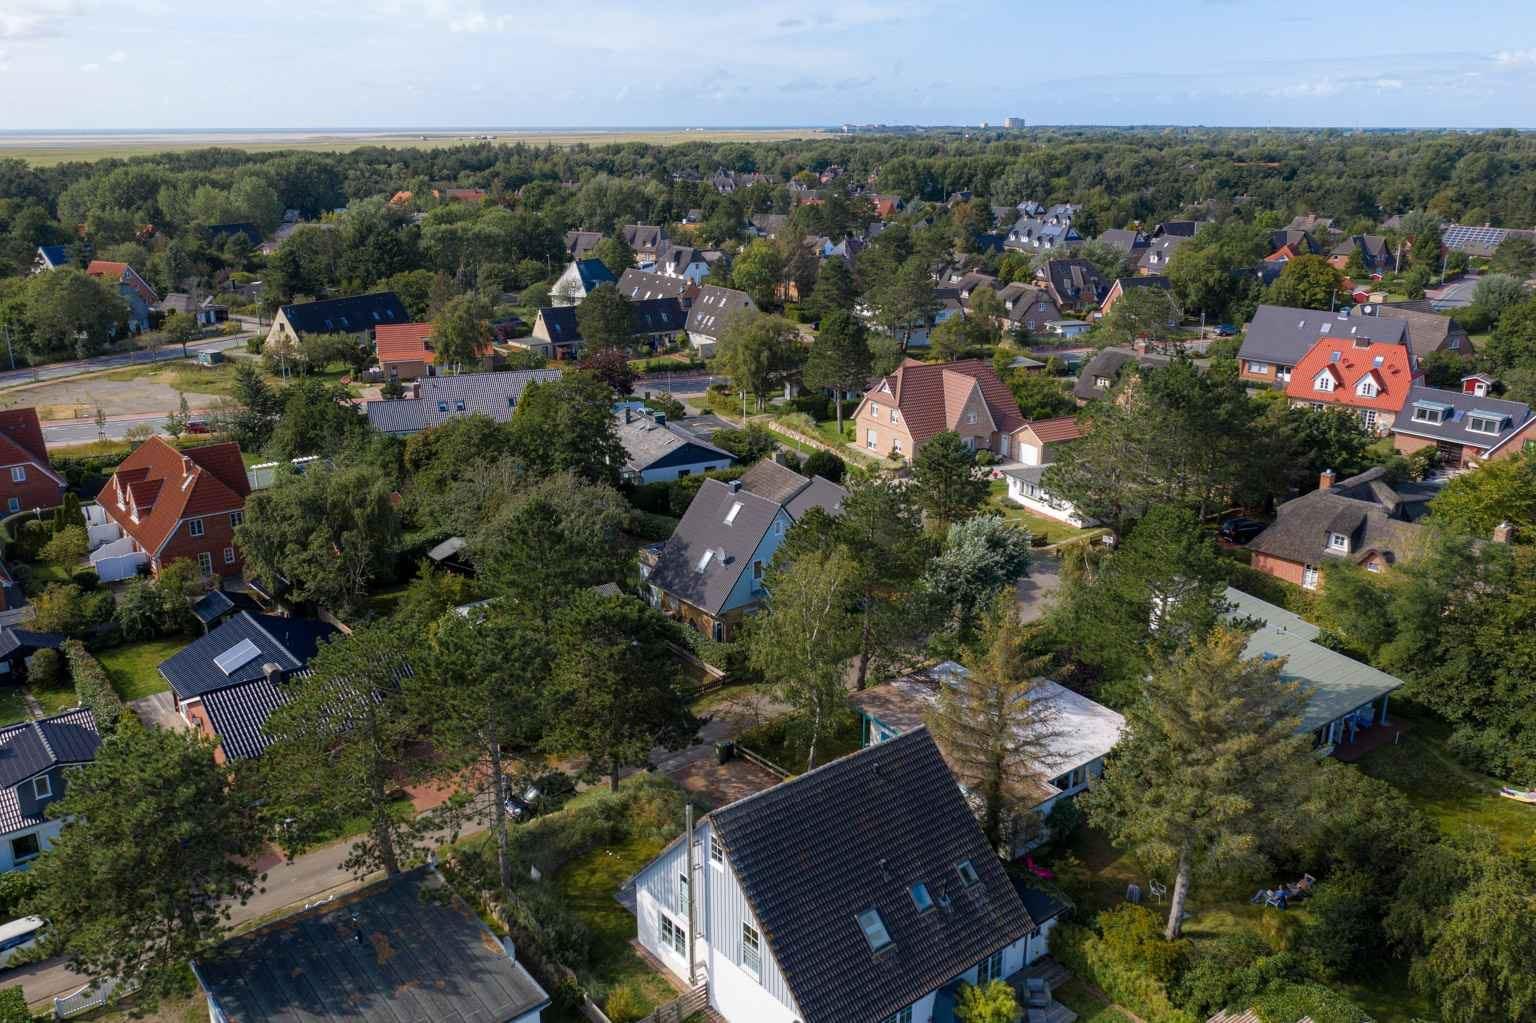 Luftbild mit Meerspanorama